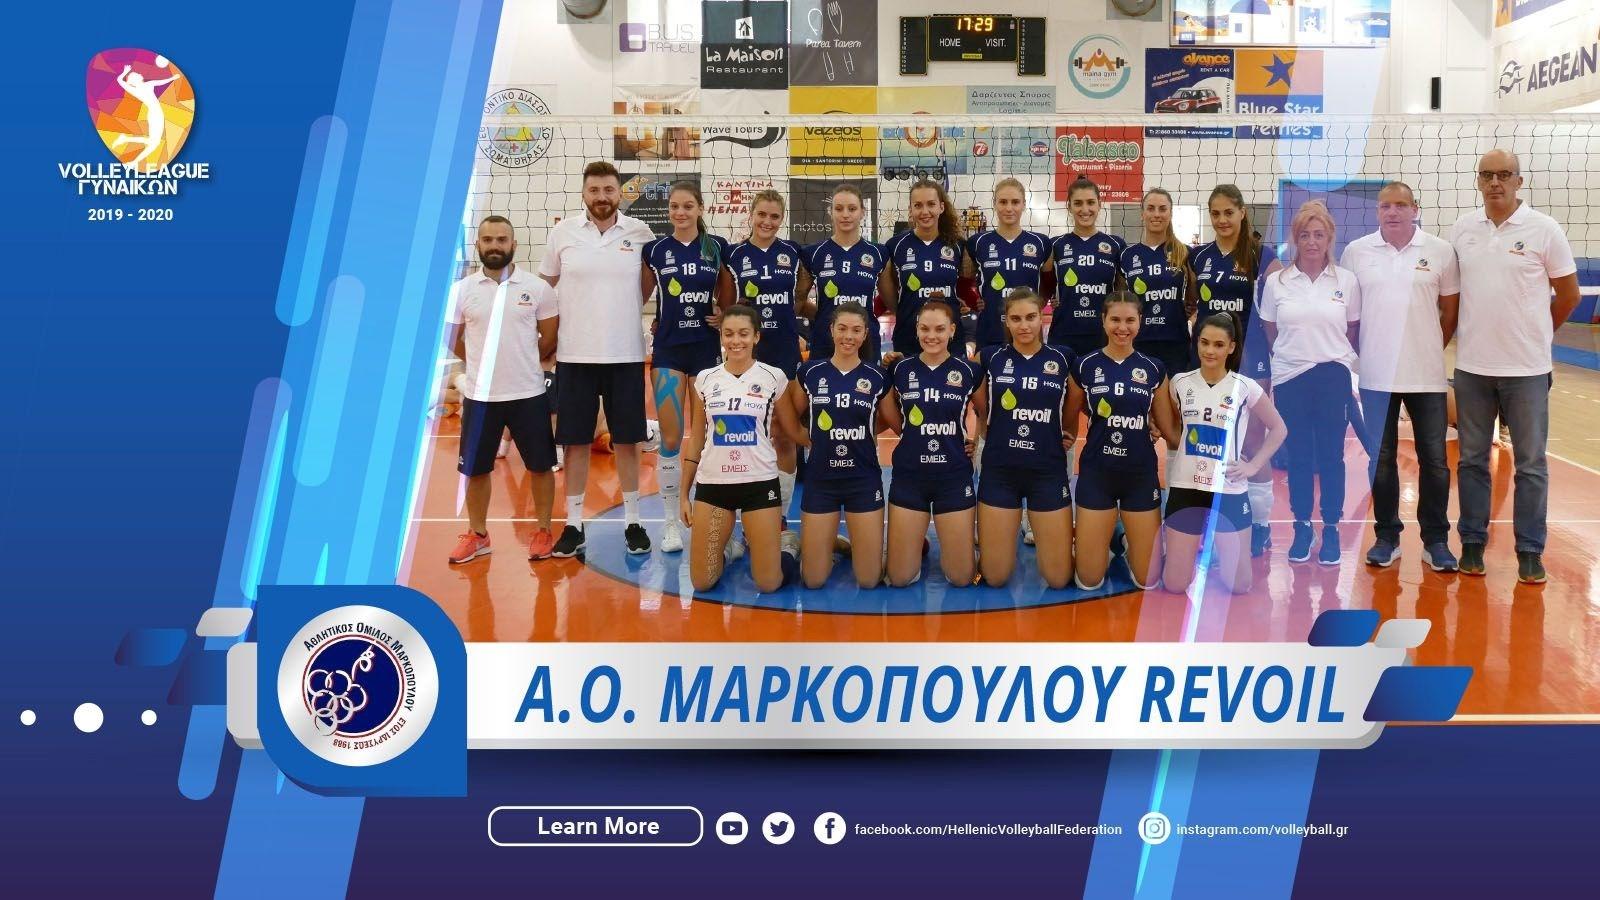 ΑΟ Μαρκοπούλου Revoil